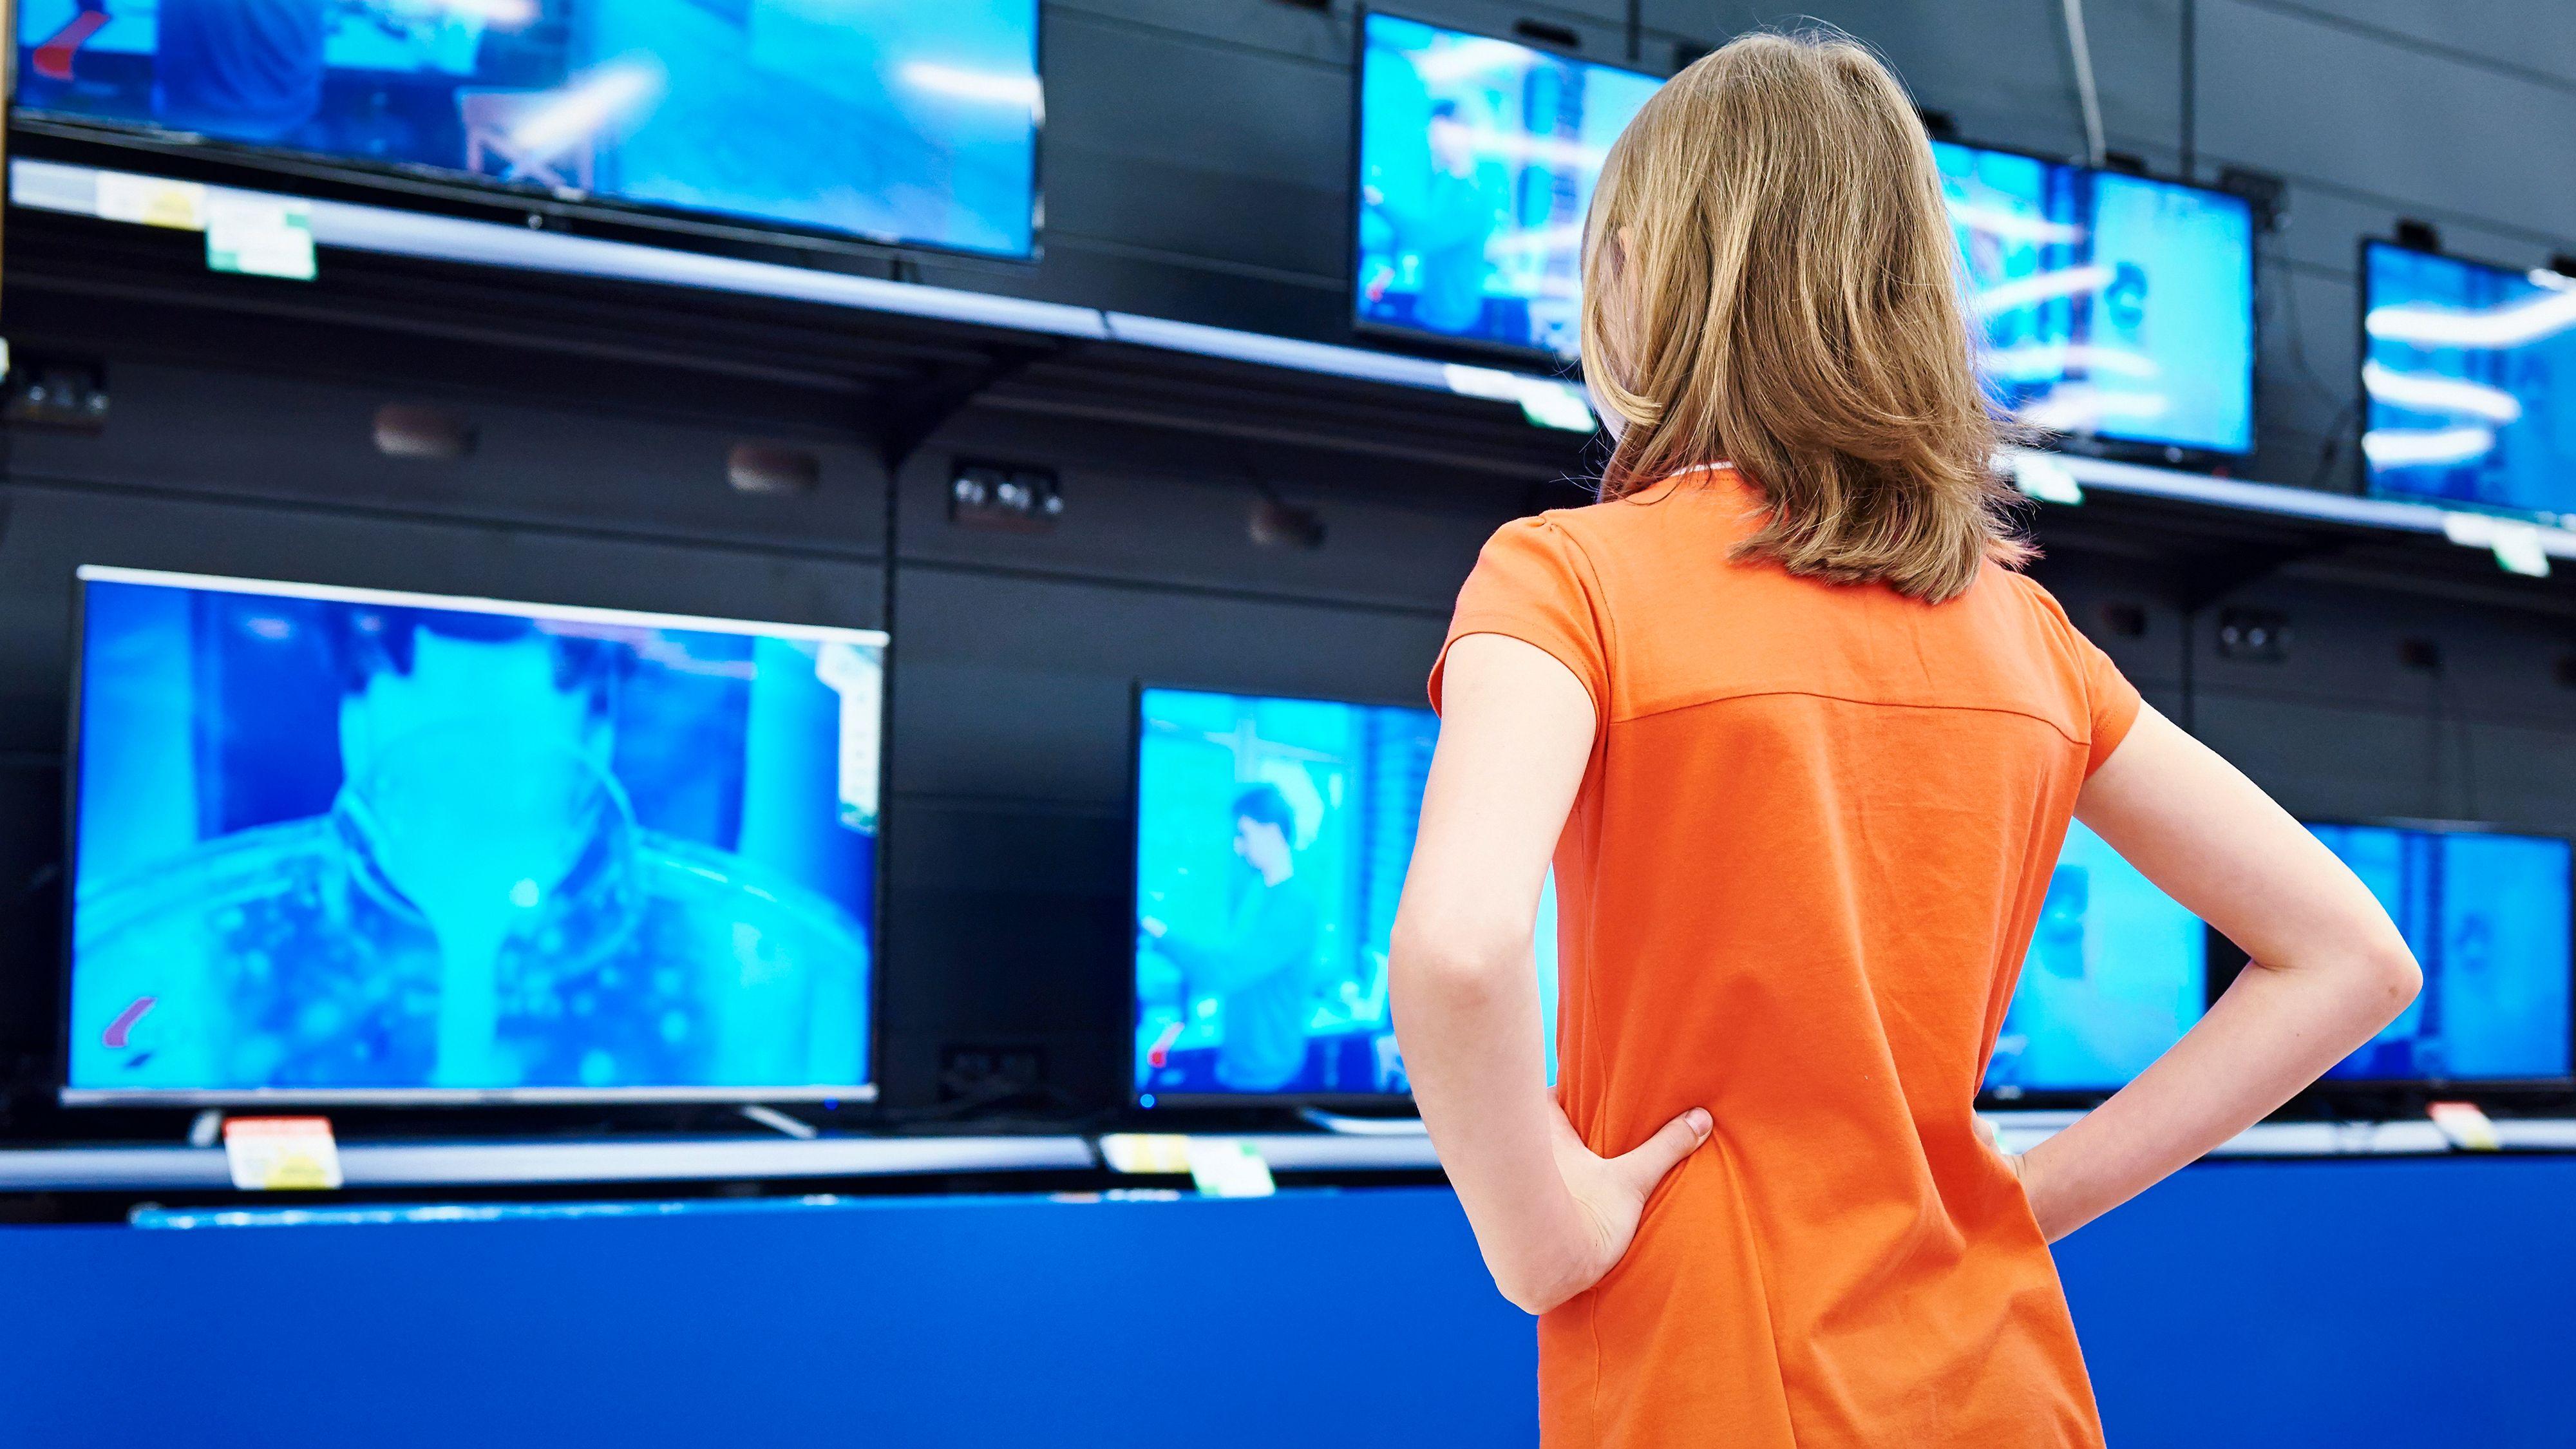 Disse TV-ene anbefaler vi deg